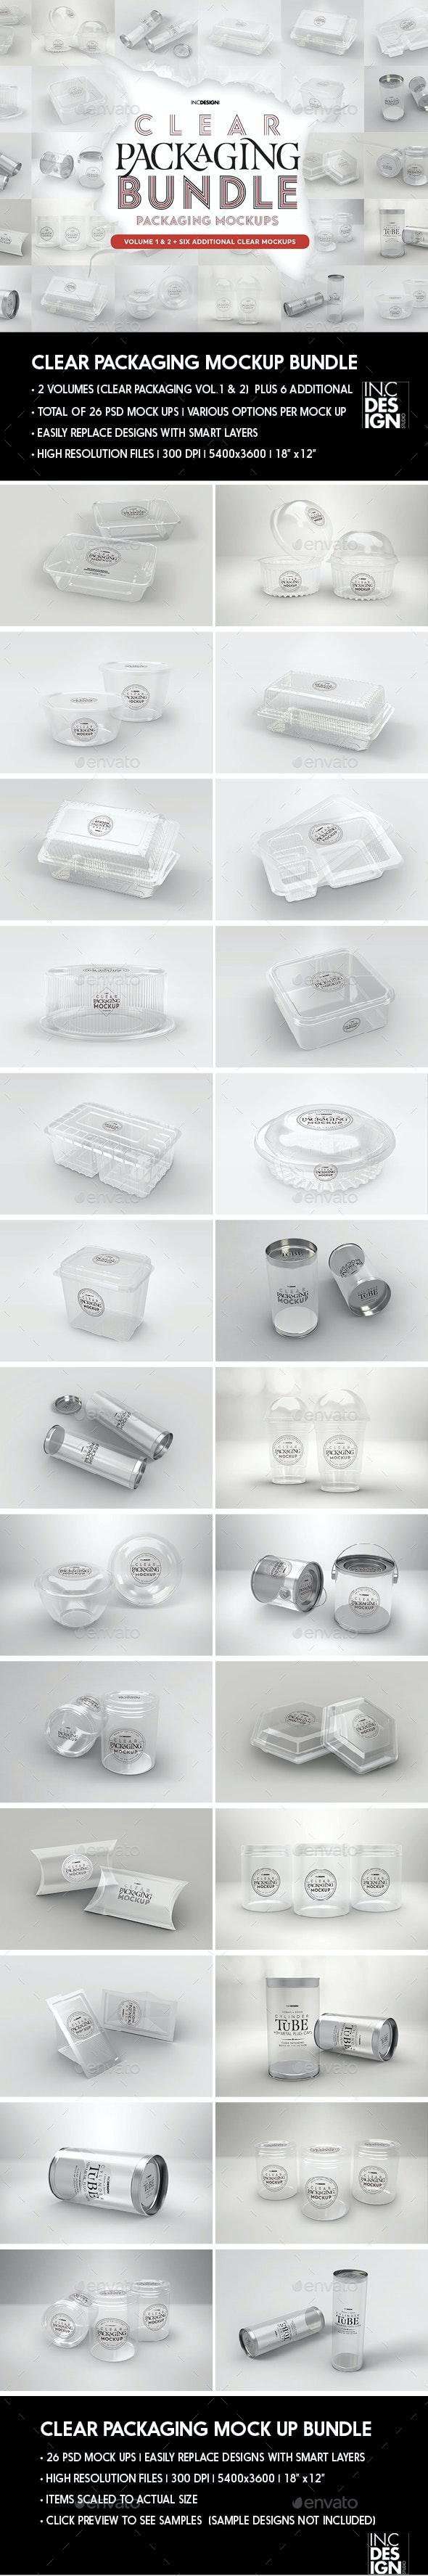 Clear Packaging MockUp BUNDLE - Food and Drink Packaging